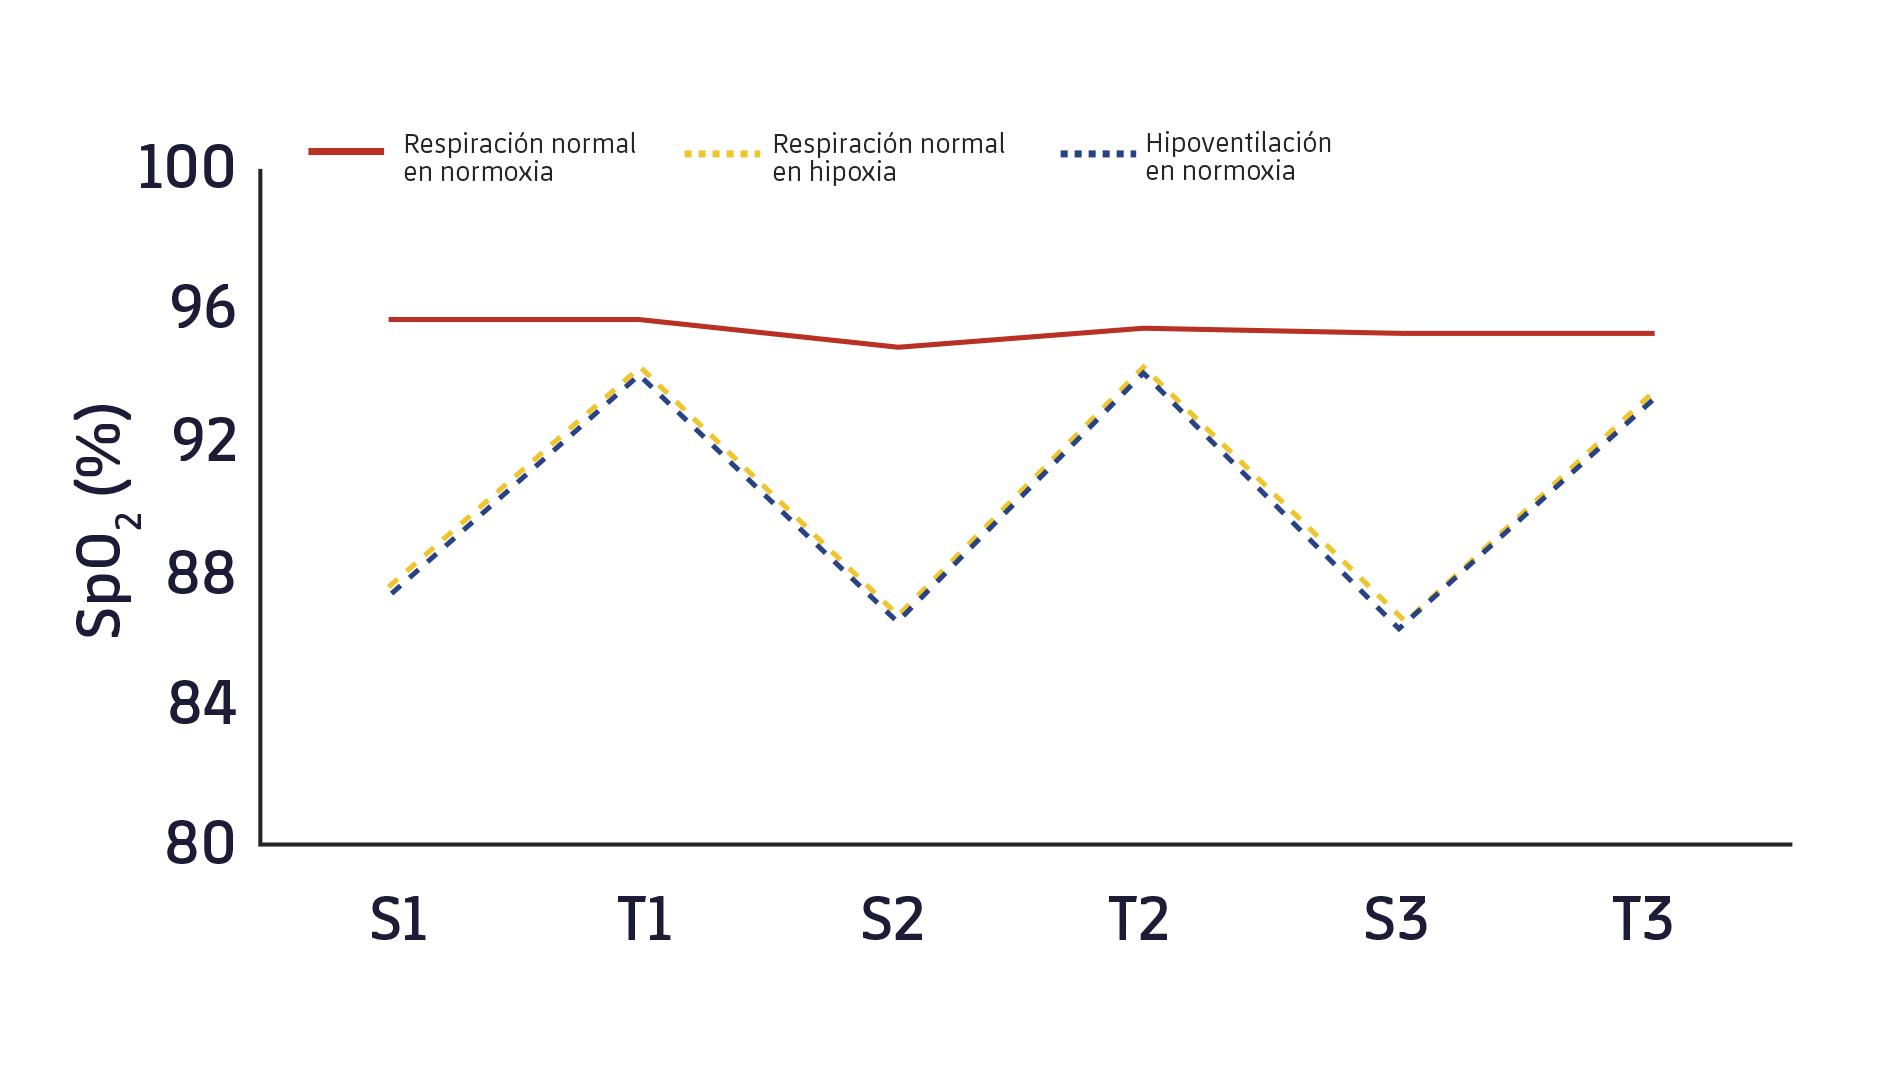 Figura 1. Variación de la saturación de oxígeno (SpO2 %) a lo largo de las 3 series de 5 minutos.3 S1, S2, S3, serie 1, 2 y 3; T1, T2, T3, descanso 1, 2 y 3.